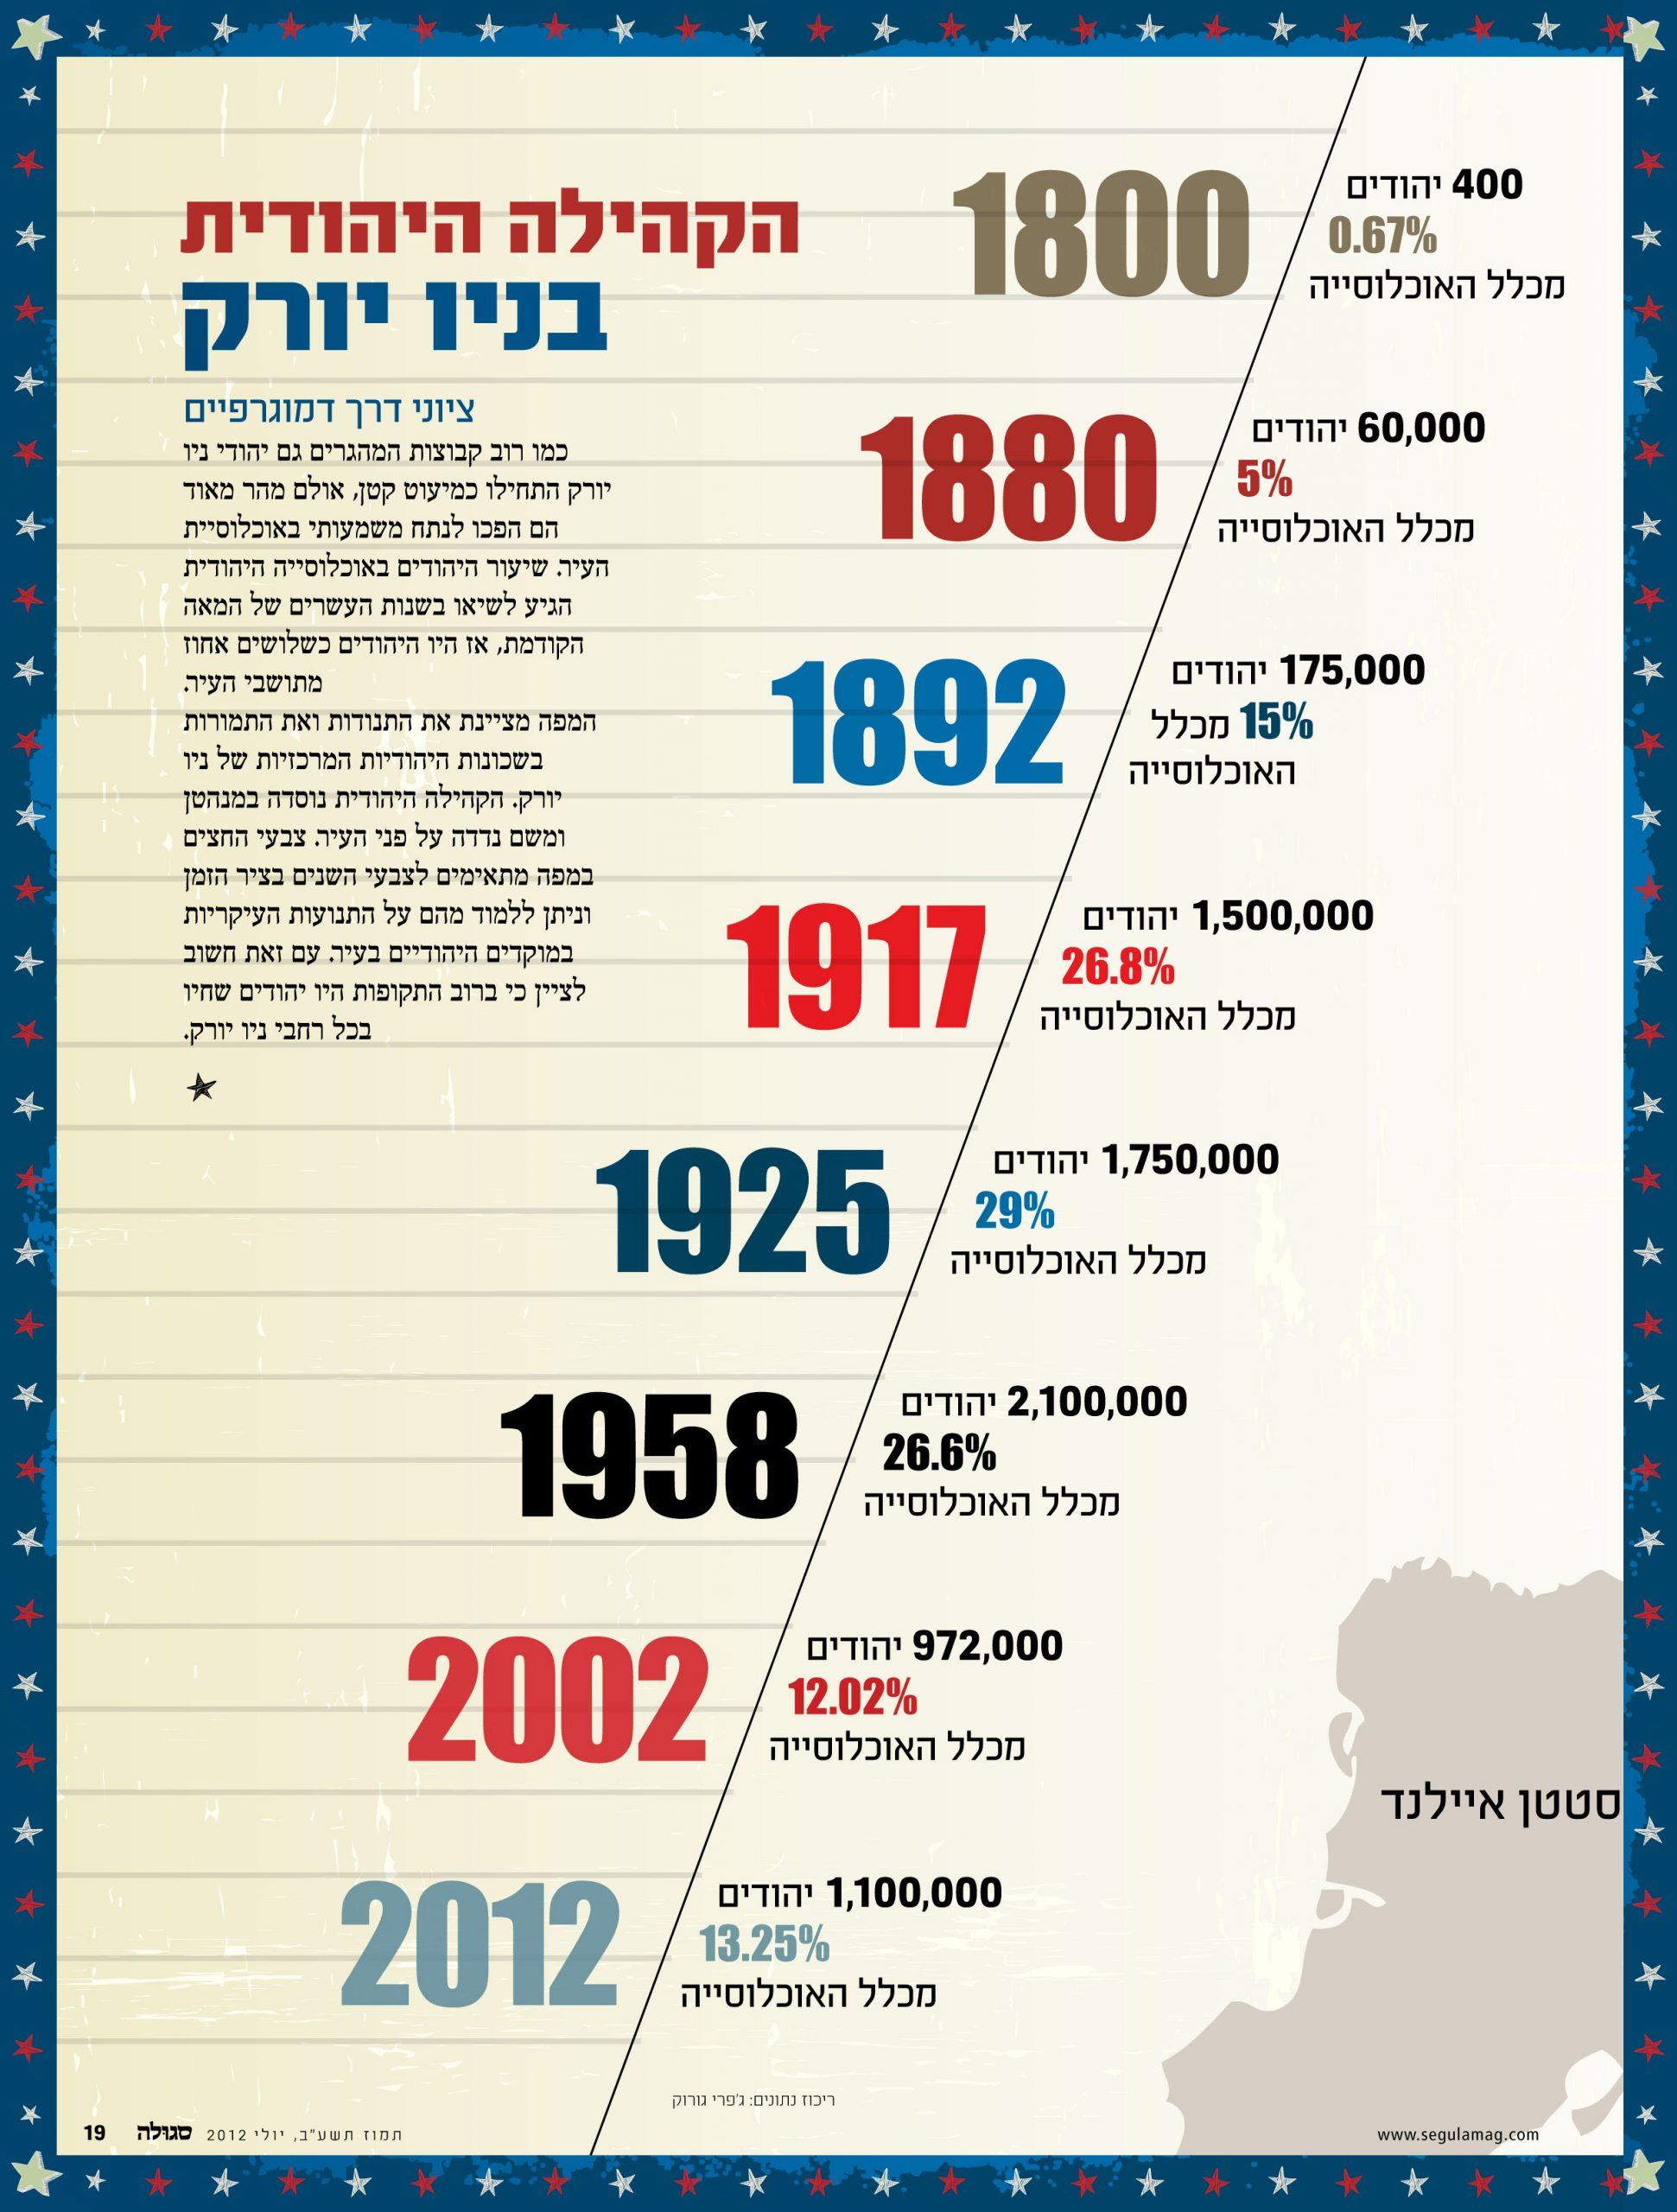 ציר הזמן מציין את מספר היהודים ואת האחוז שייצגו בכלל האוכלוסייה בעיר